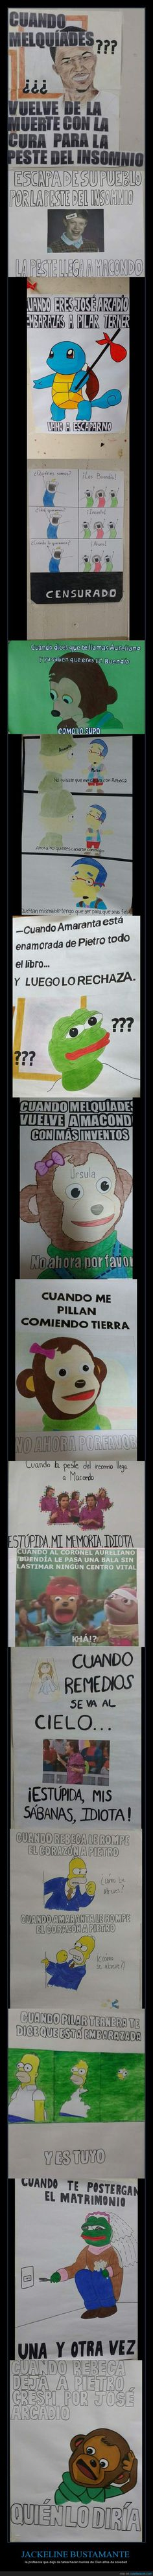 Profesora chilena pidió a alumnas hacer memes sobre 100 años de soledad